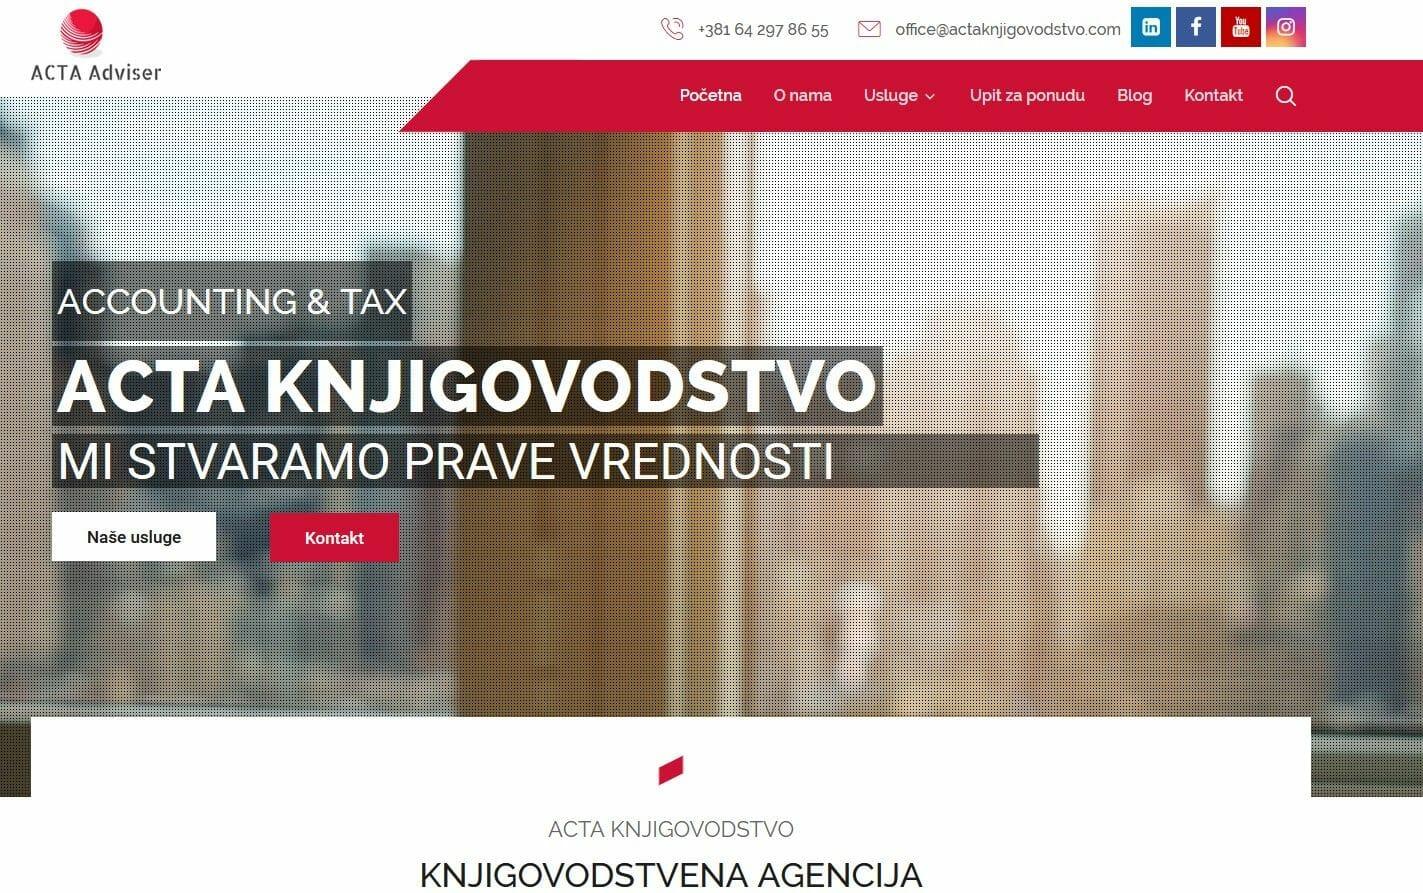 knjigovodstvena agencija acta knjigovodstvo